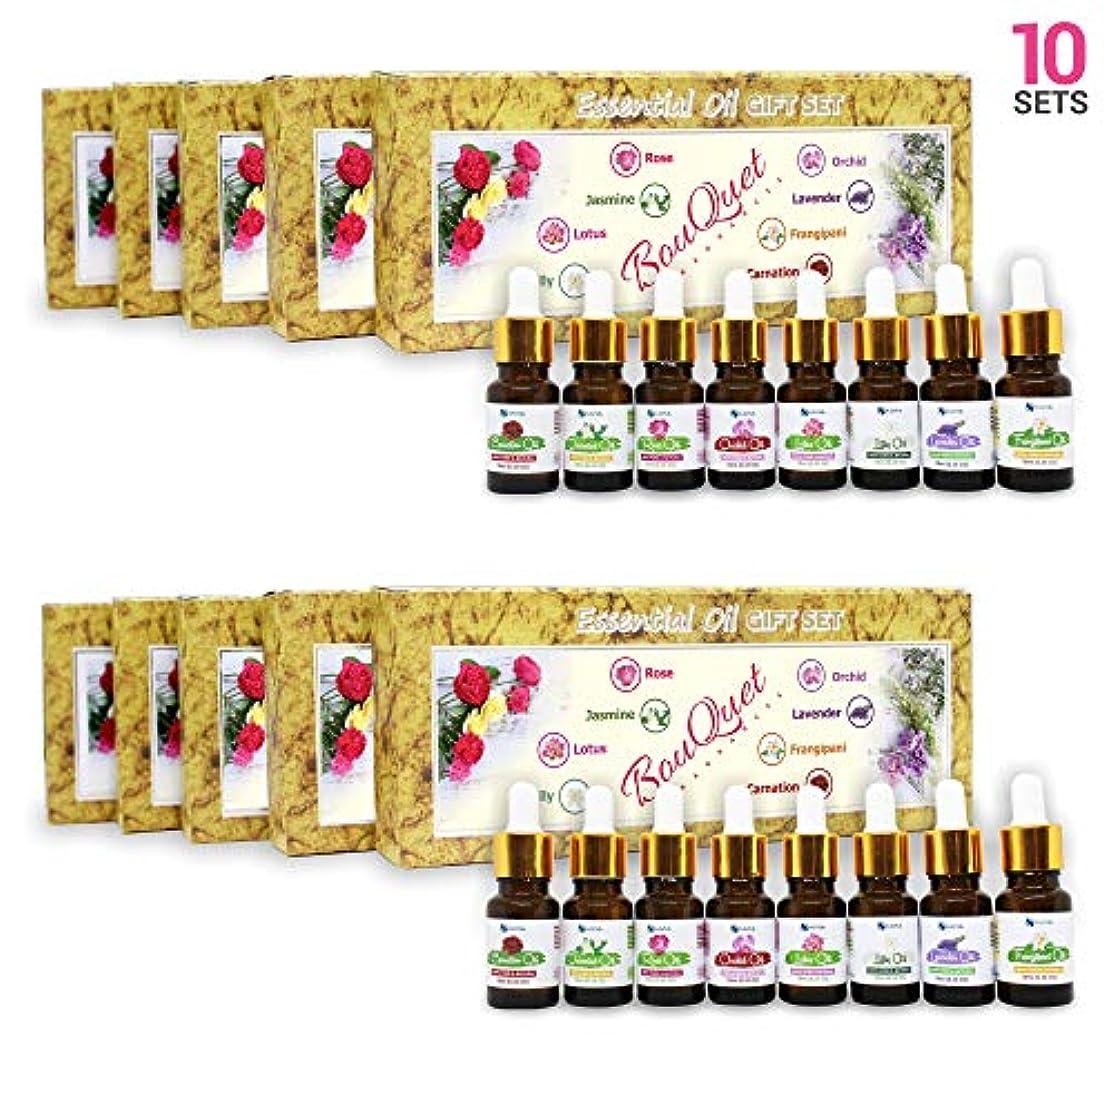 リスナーカップ抗生物質Aromatherapy Fragrance Oils (Set of 10) - 100% Natural Therapeutic Essential Oils, 10ml each (Rose, Jasmine, Lotus...